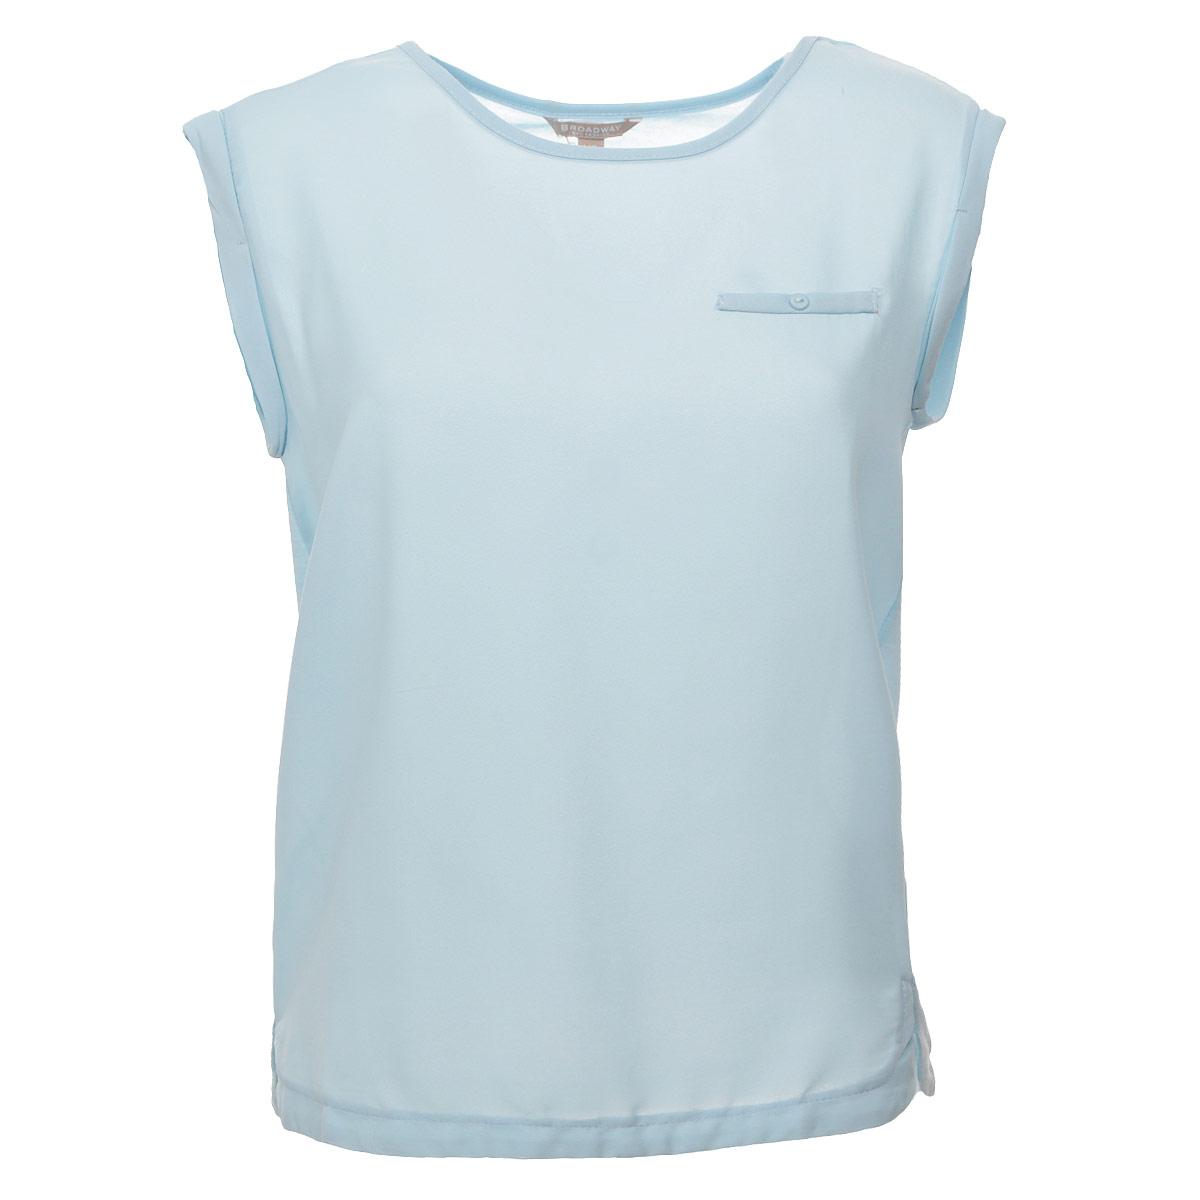 Блузка10152353 001Стильная блузка Broadway, выполненная из высококачественного материала, - находка для современной женщины, желающей выглядеть стильно и модно. Перед блузки выполнен из полиэстера, спинка - из полиэстера и вискозы. Модель свободного кроя с короткими рукавами и круглым вырезом горловины будет отлично на вас смотреться. На груди блузка оформлена имитацией прорезного кармашка на пуговице. Рукава оформлены набольшими отворотами. Такая модель, несомненно, вам понравится и послужит отличным дополнением к вашему гардеробу.